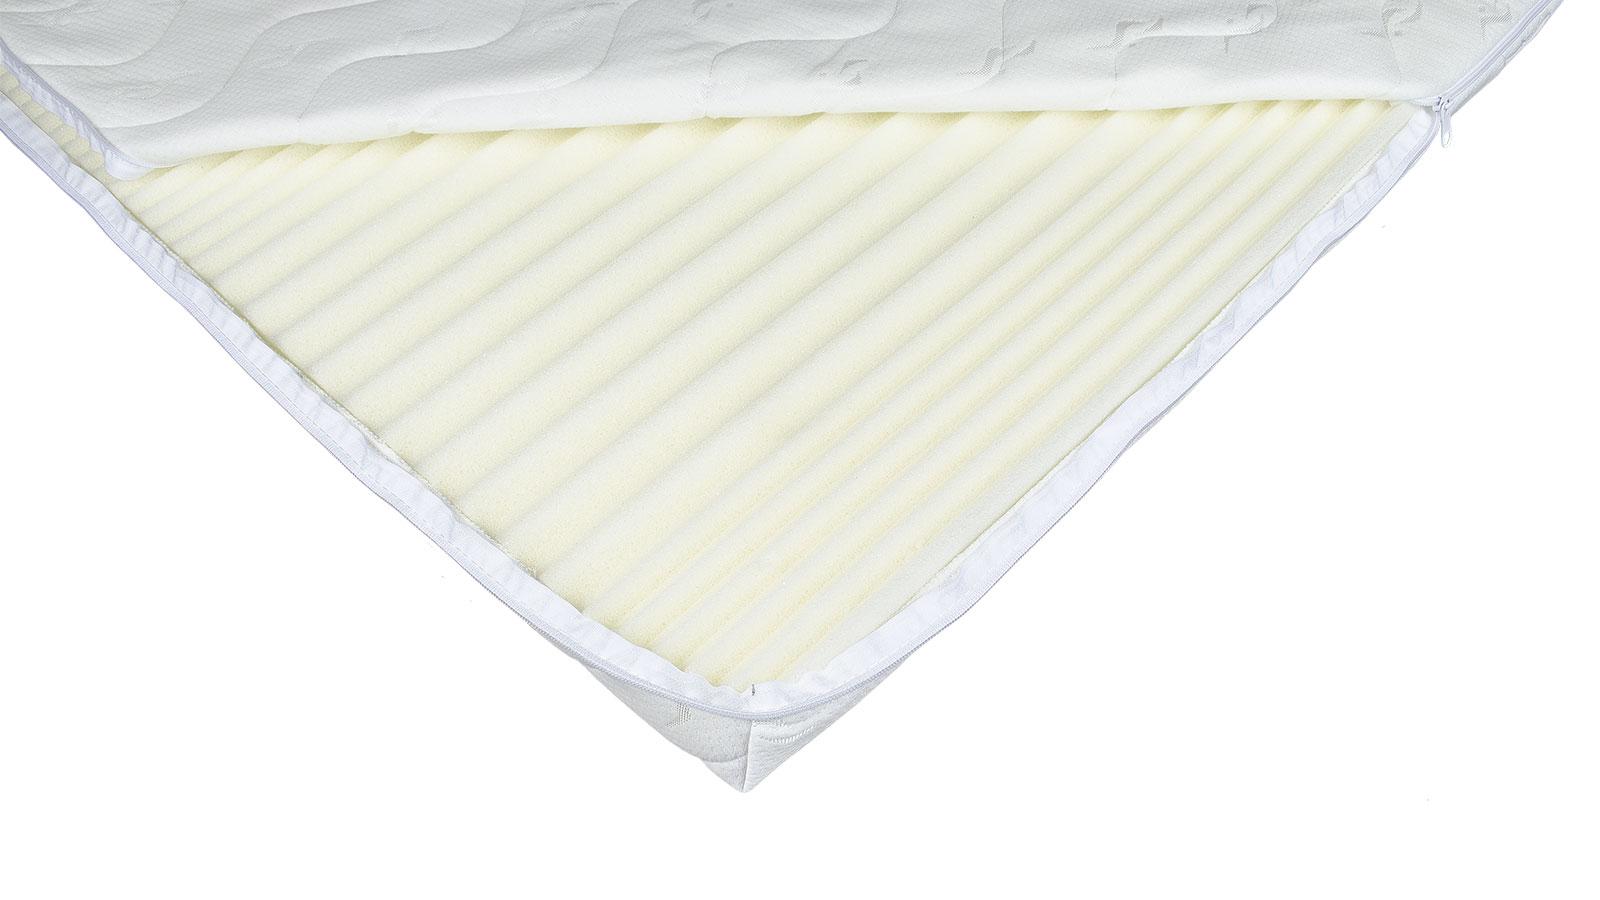 miękki materac nawierzchniowy - sposób na za twardy materac